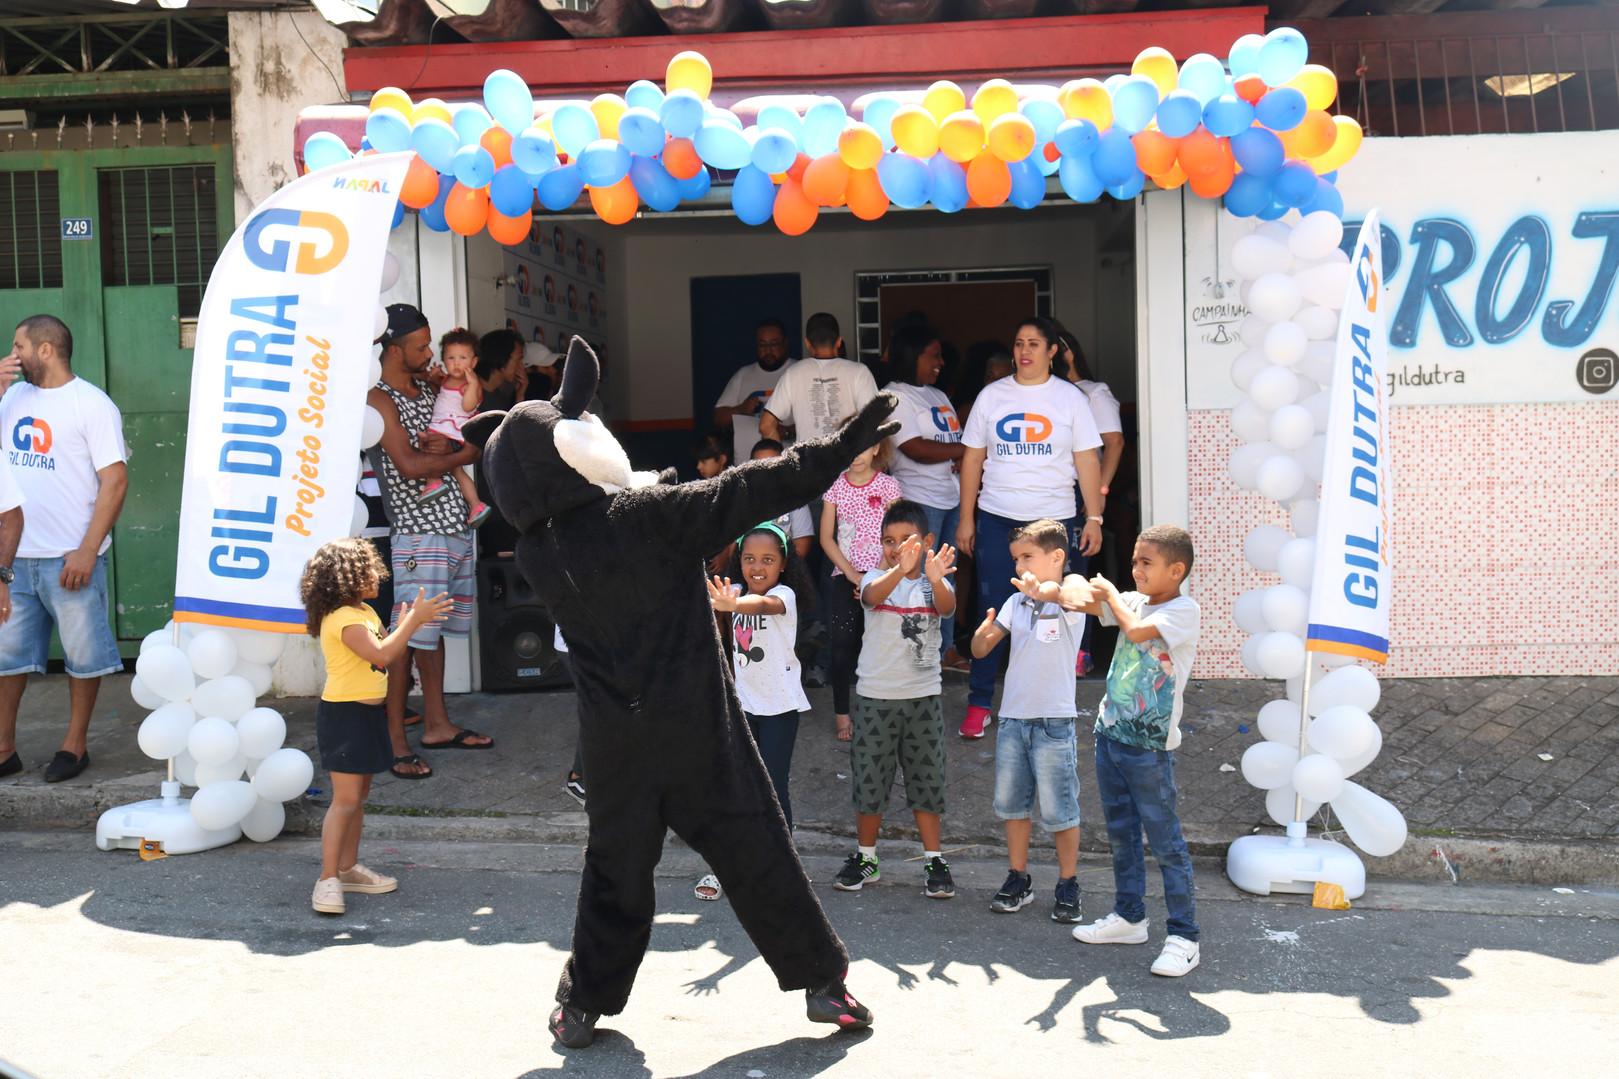 Criança Participando